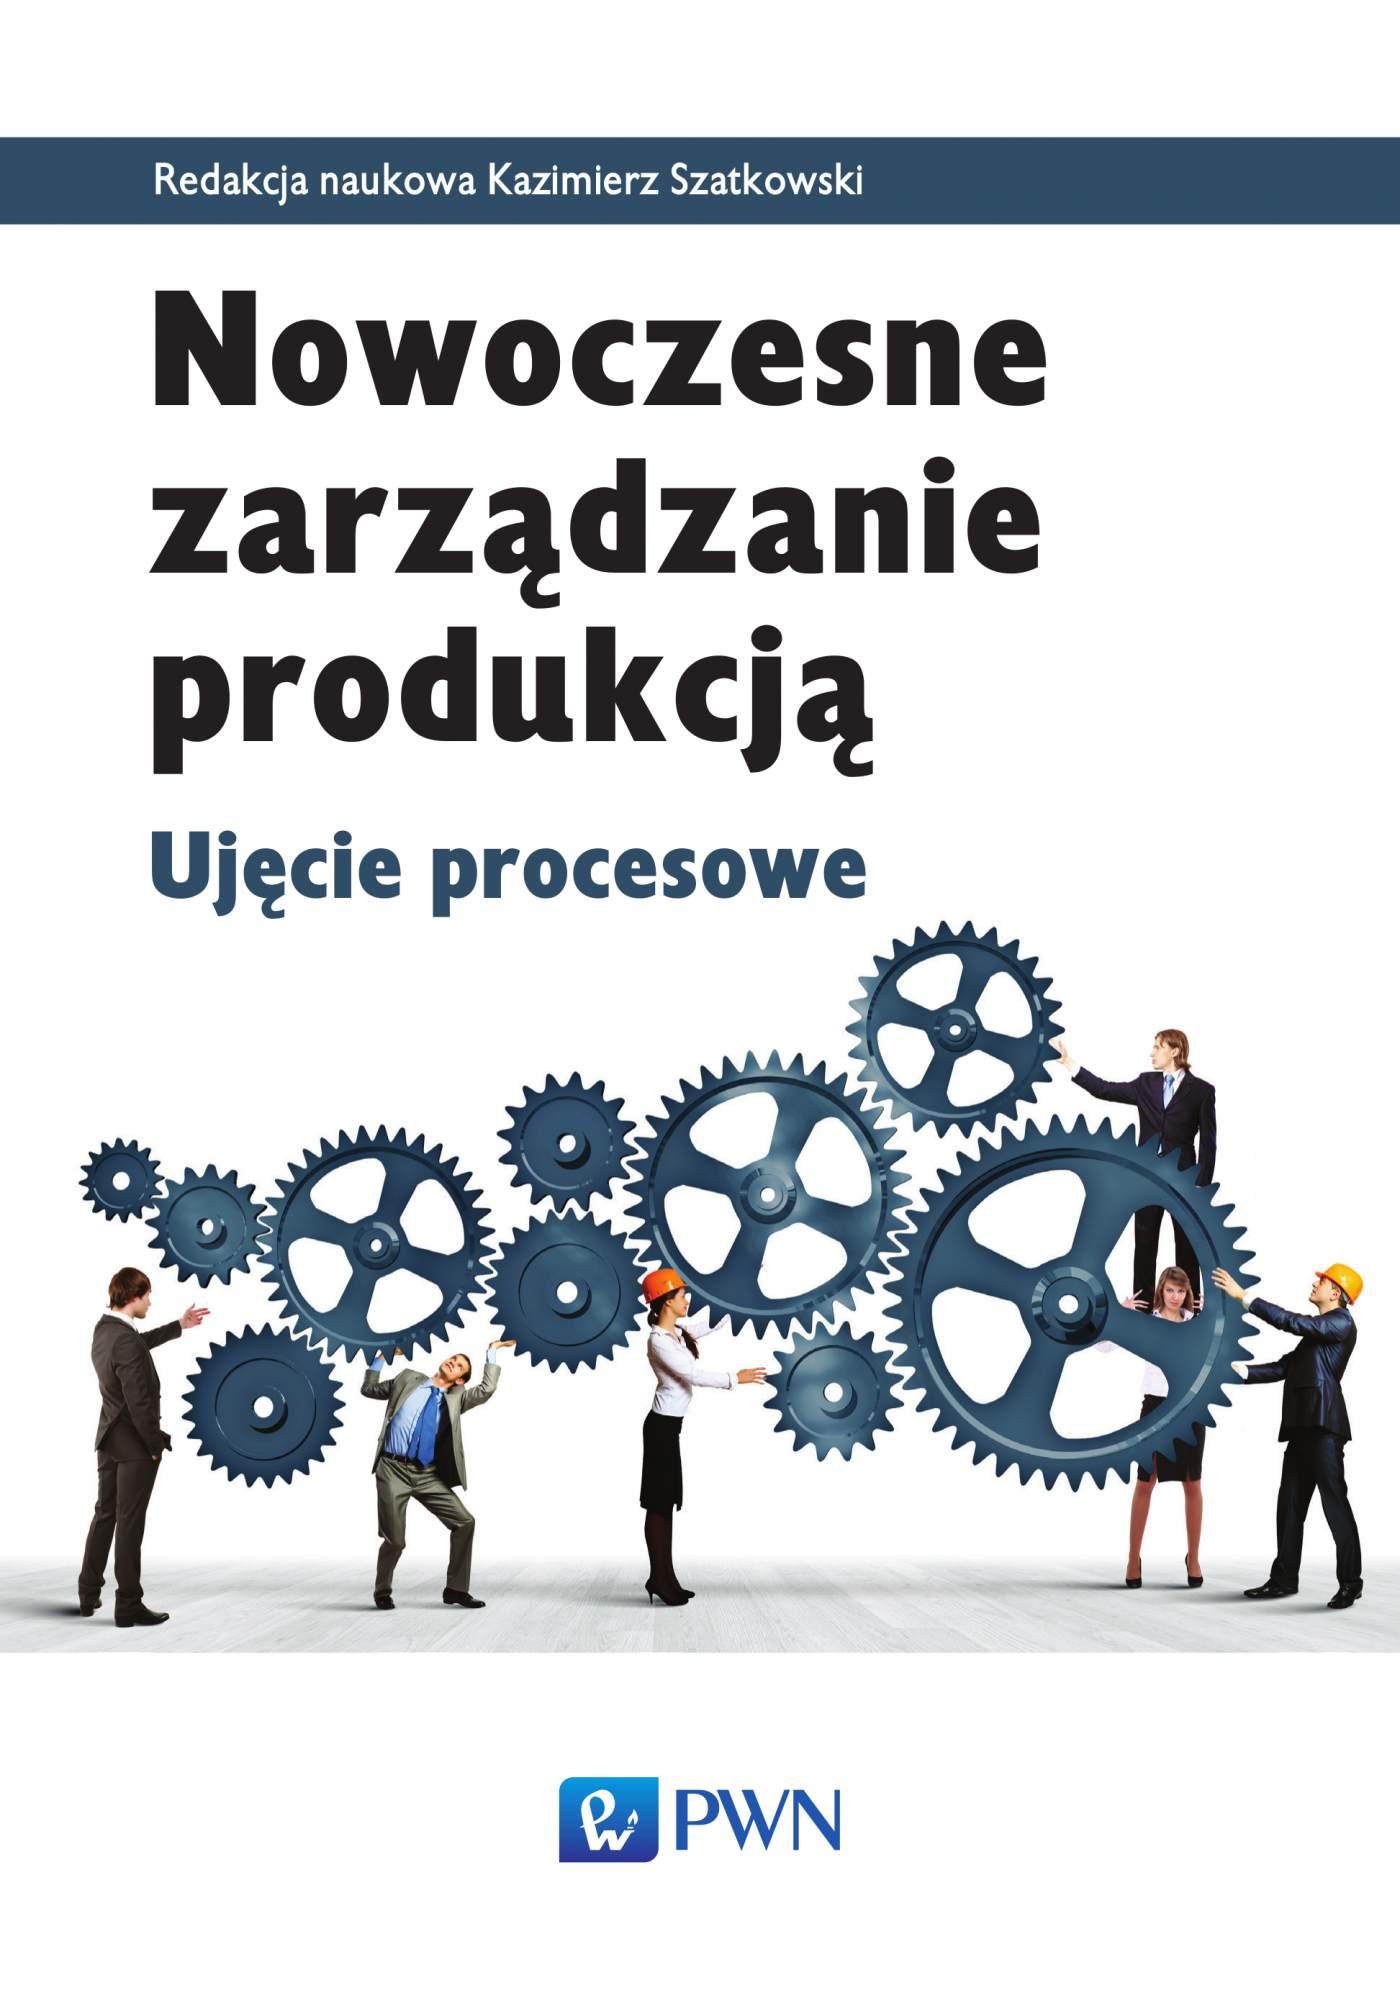 Nowoczesne zarządzanie produkcją - Ebook (Książka na Kindle) do pobrania w formacie MOBI